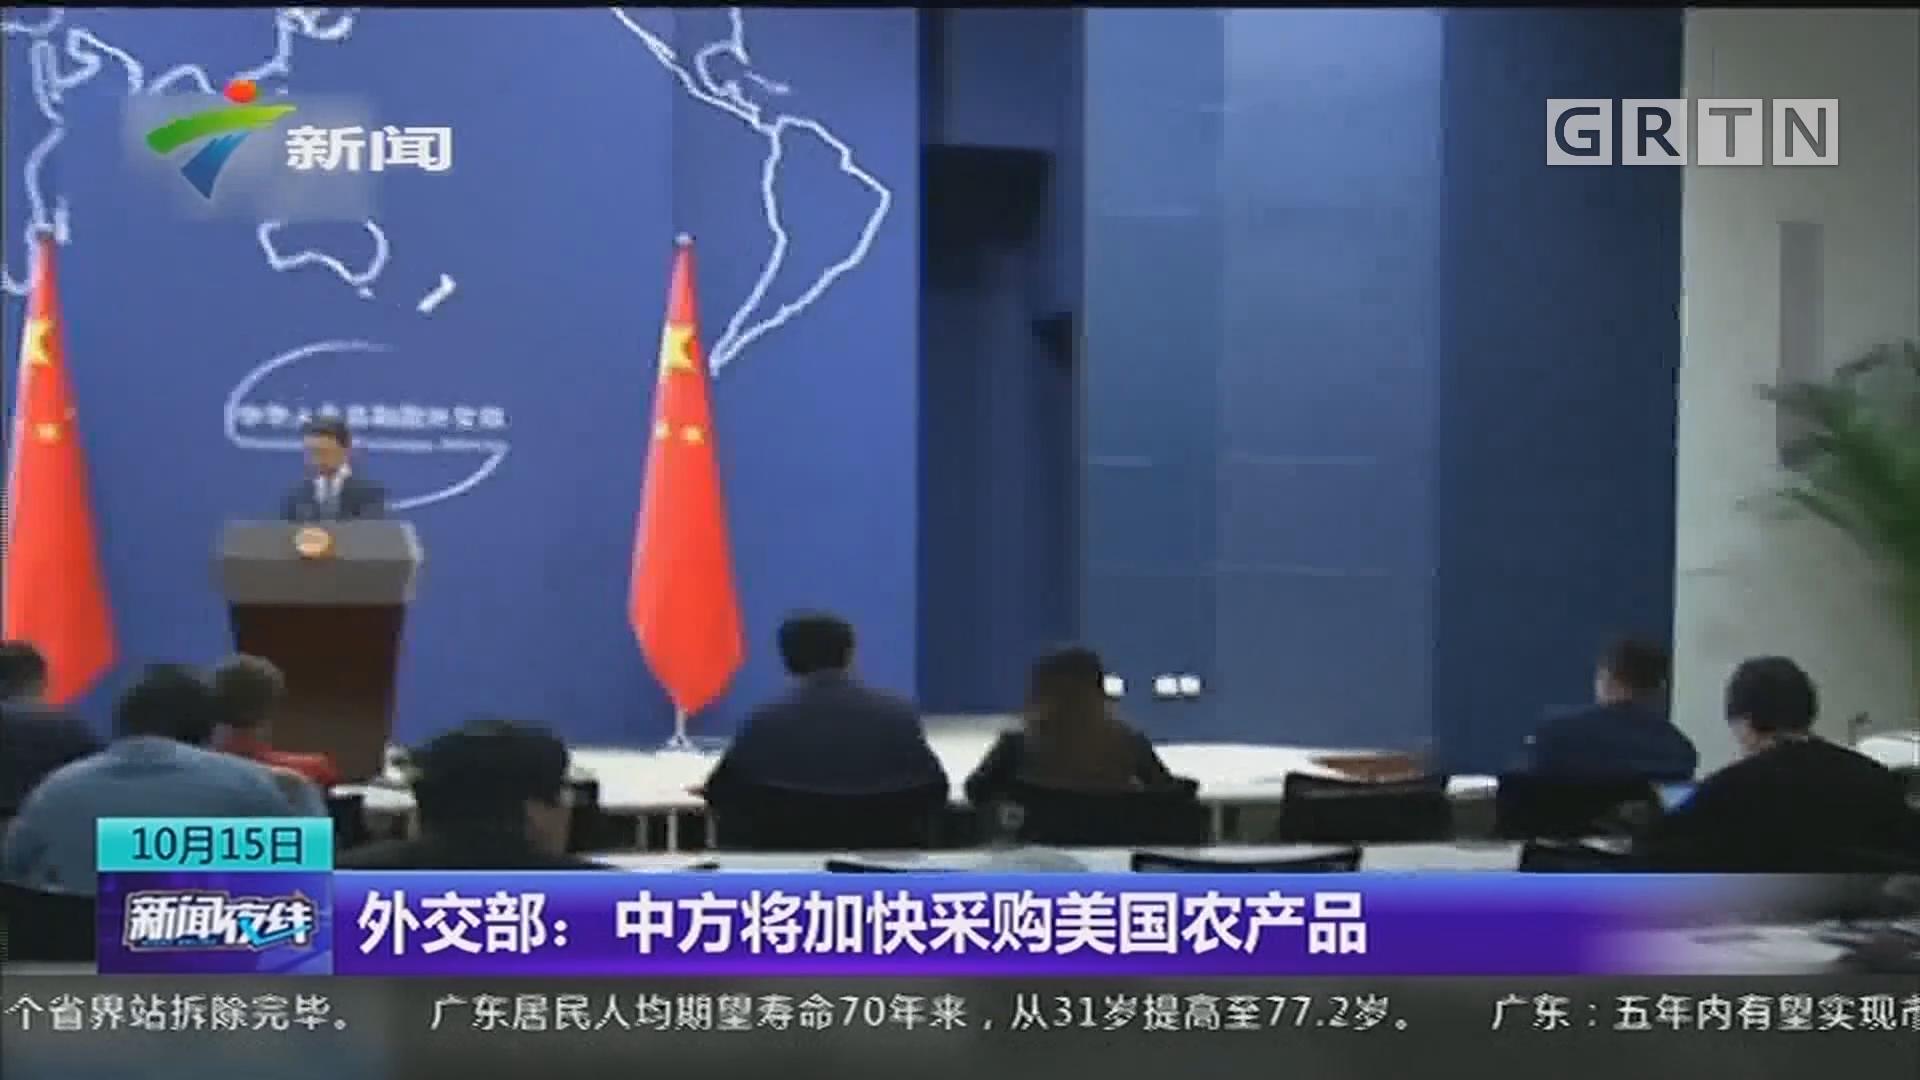 外交部:中方将加快采购美国农产品